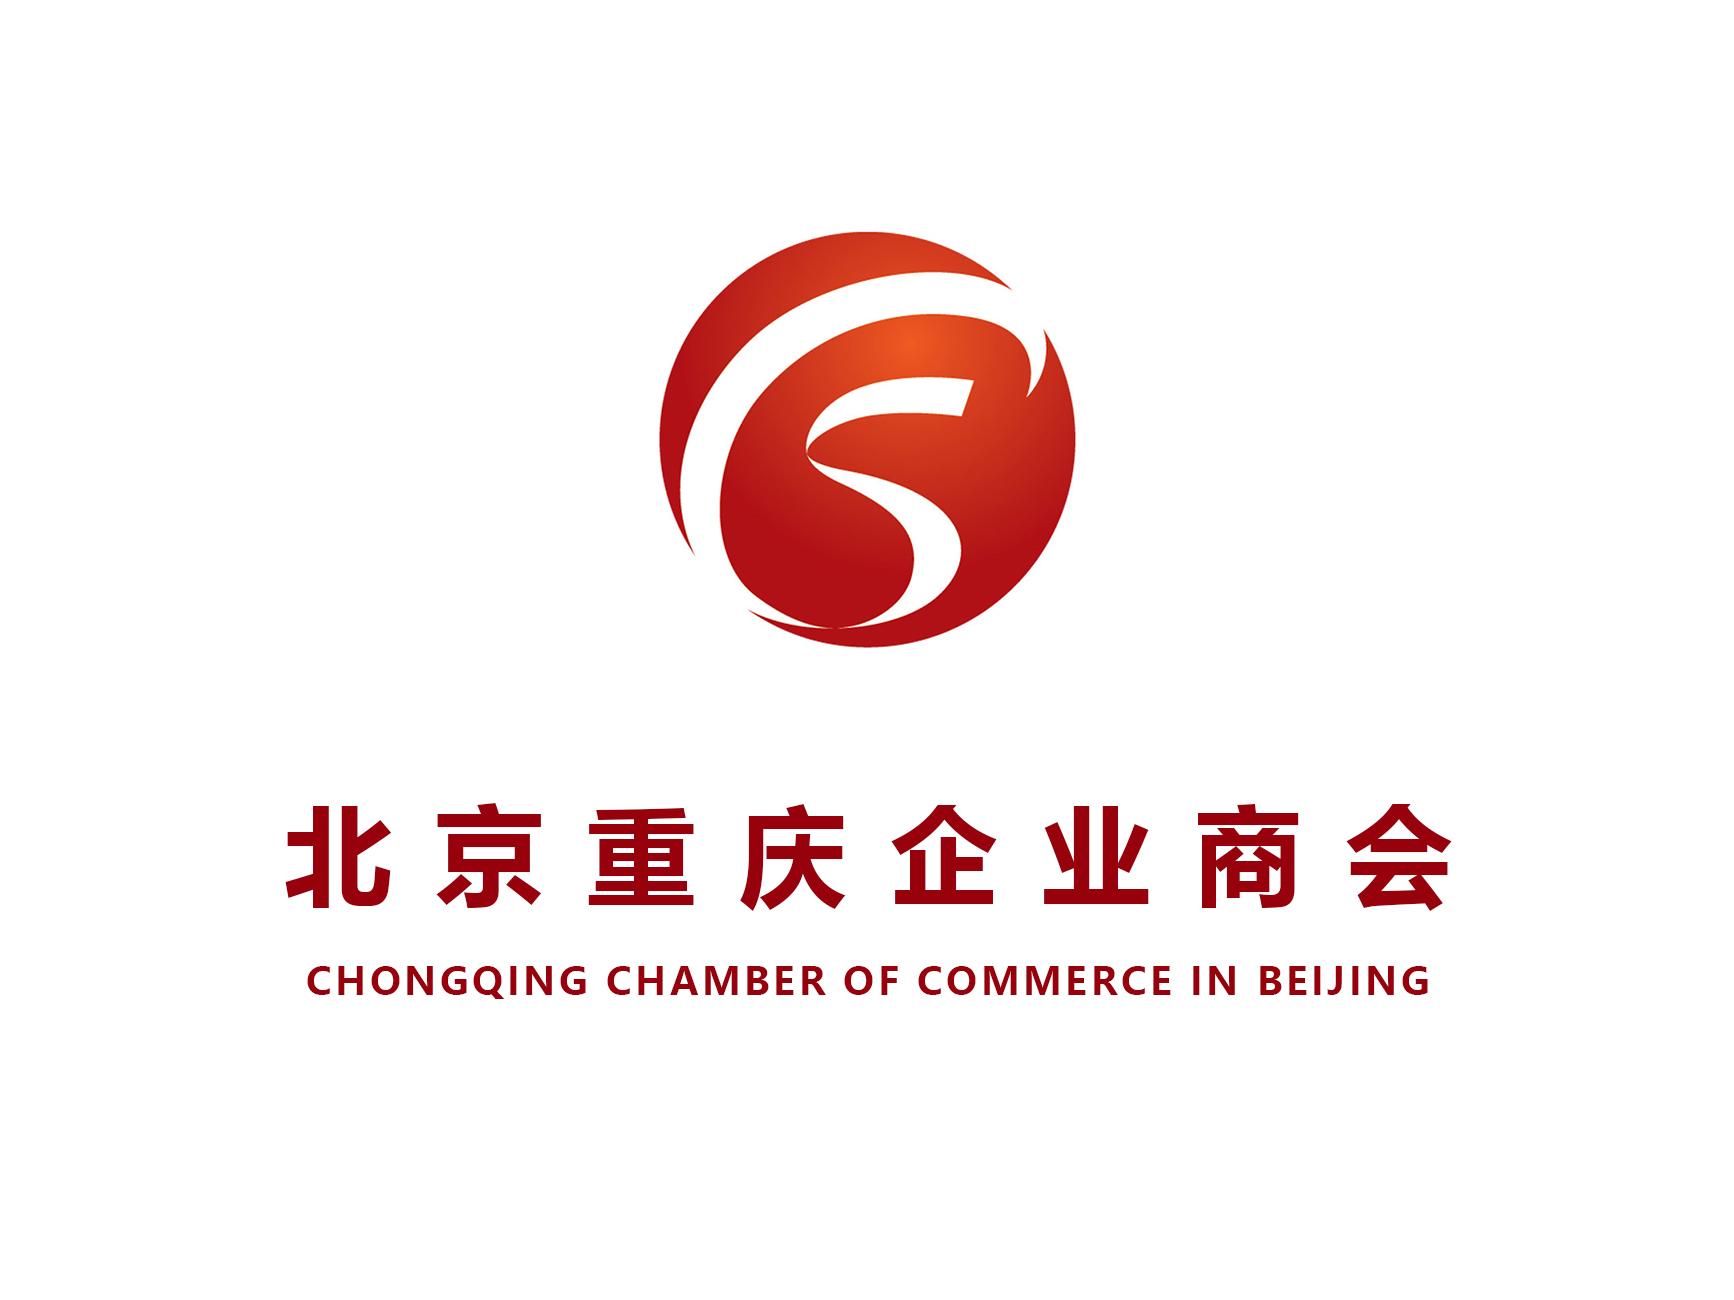 北京重庆企业商会——吃苦耐劳